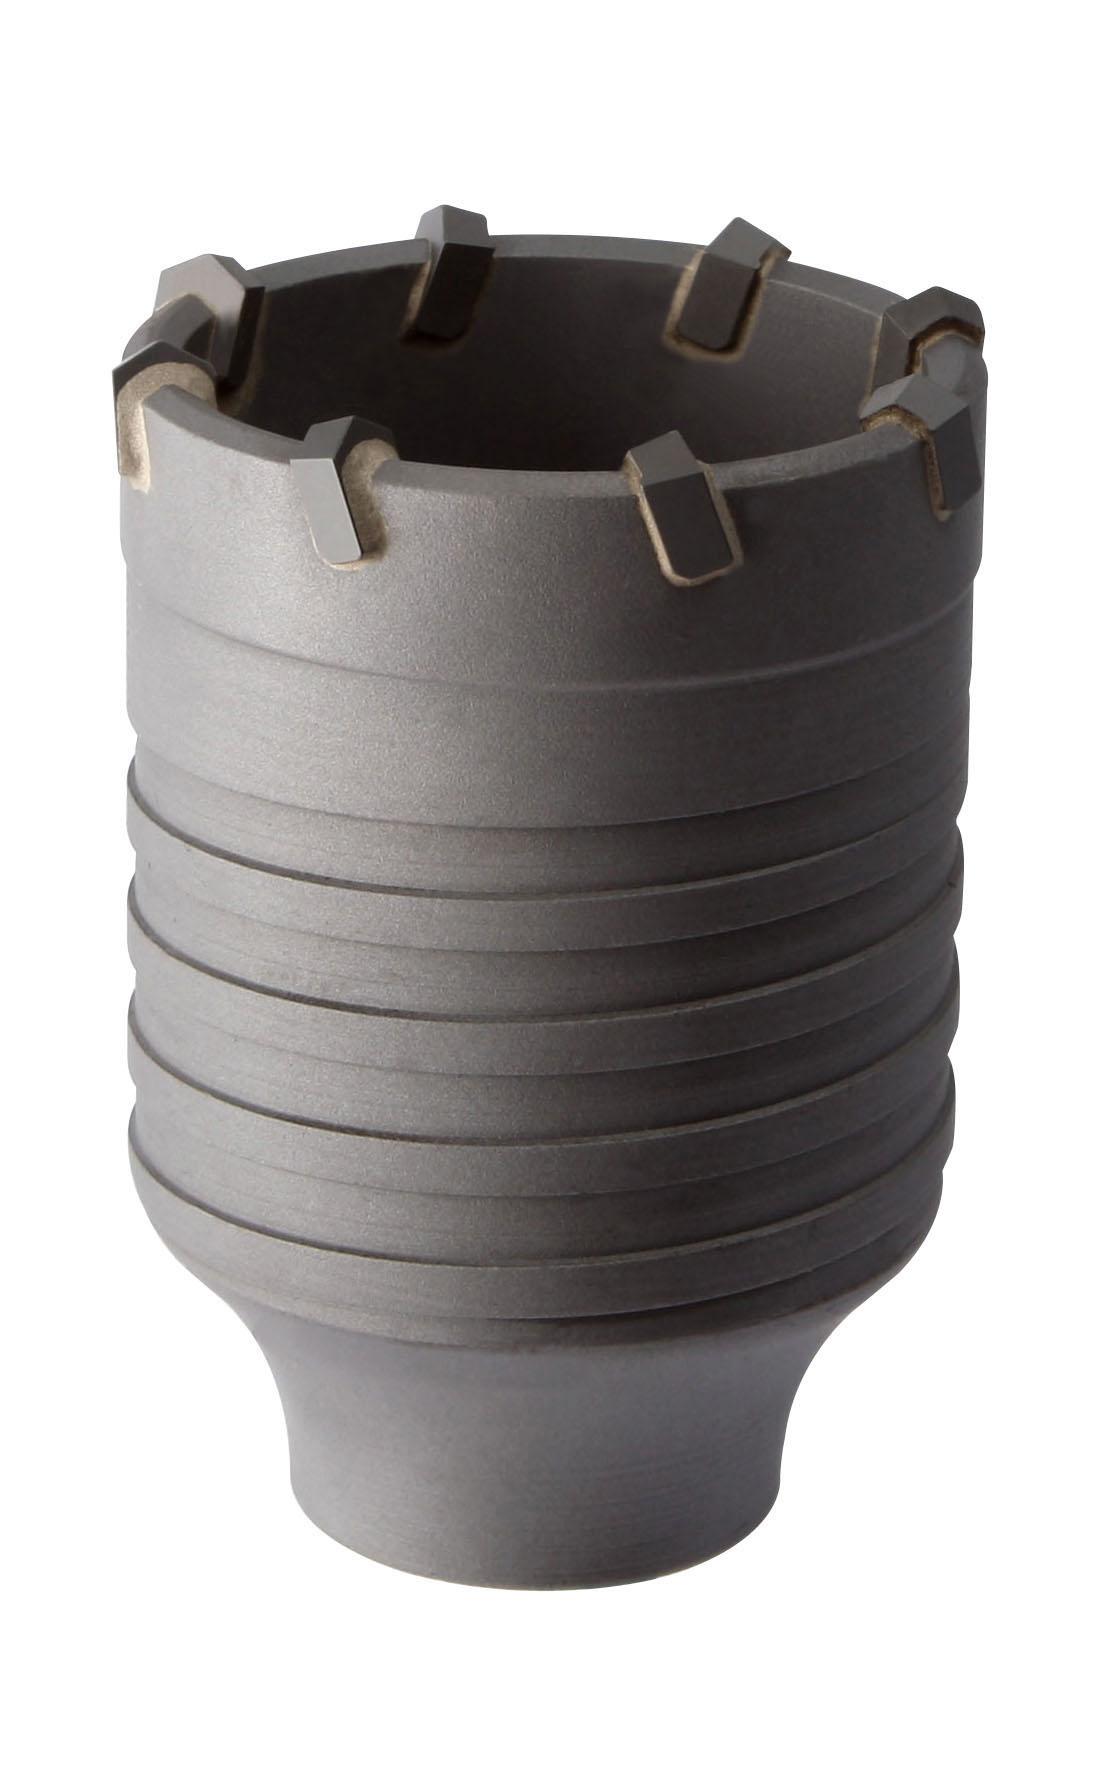 Perçage Kit trépan carbure Pro Attachement conique compatible SDS-max - 300.jpg